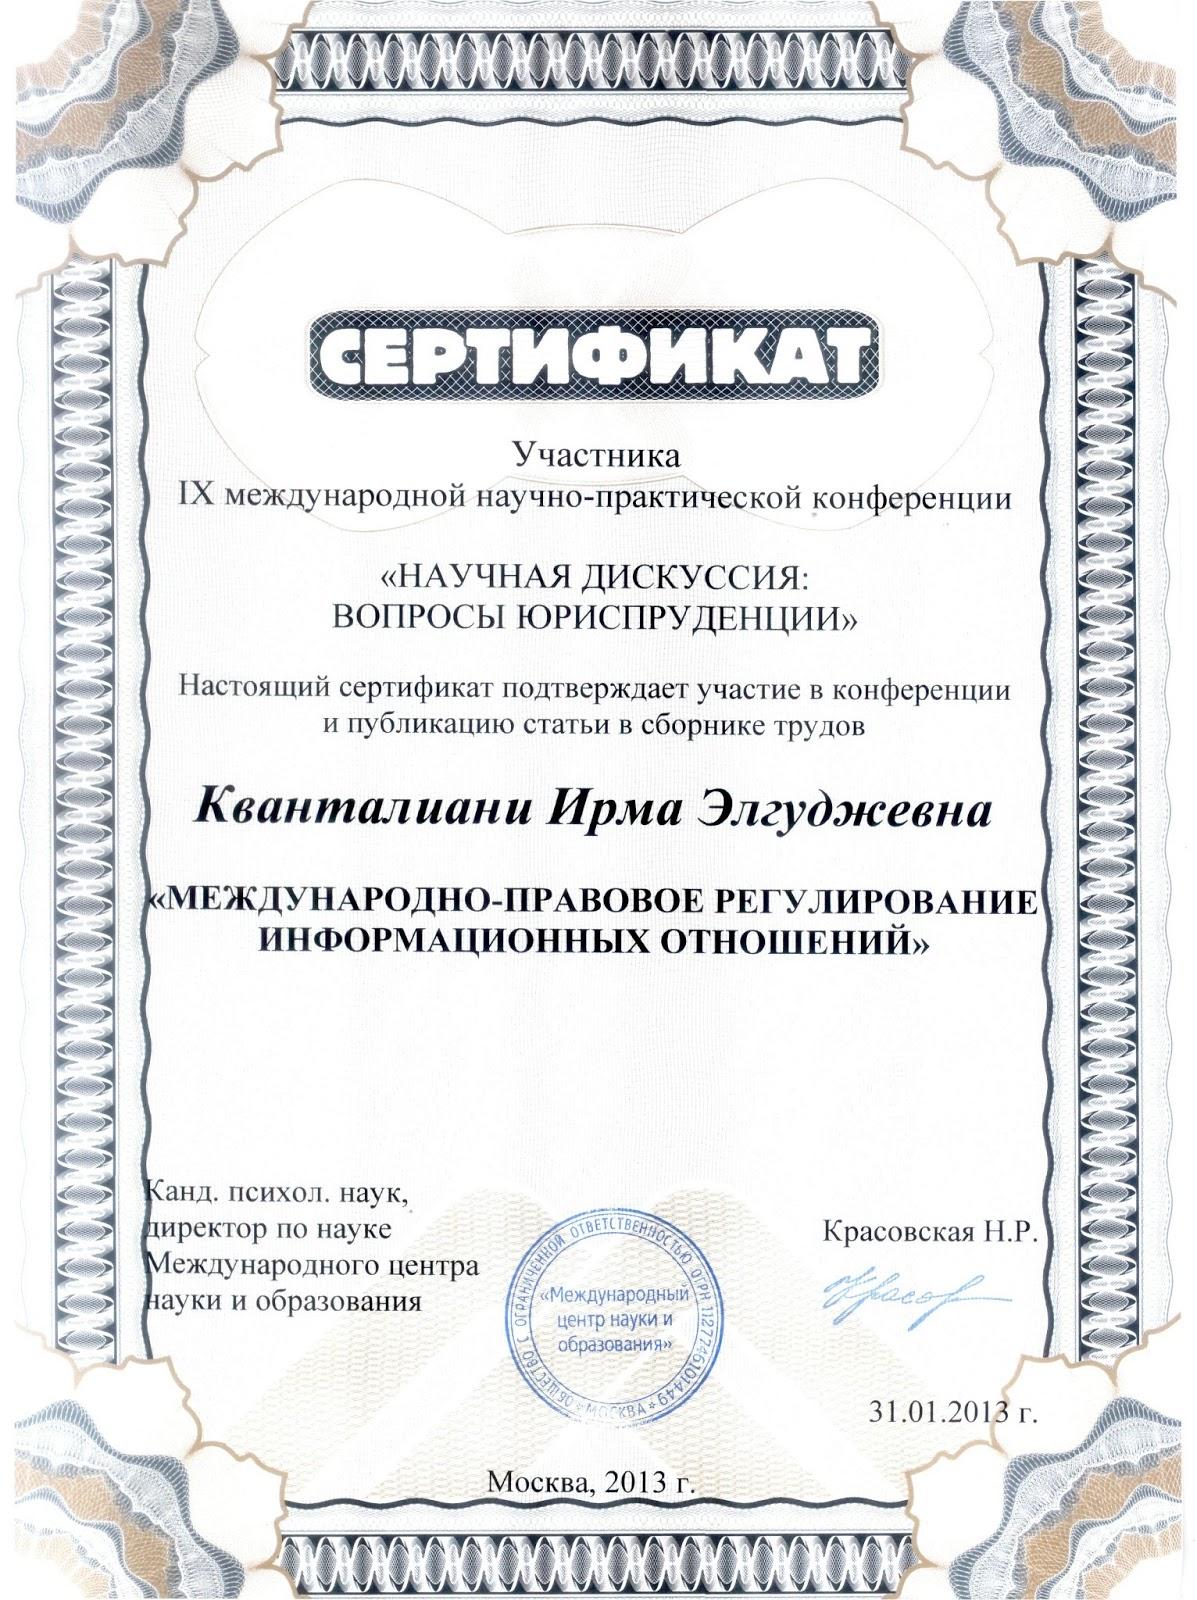 9111 ru юридическая консультация отзывы